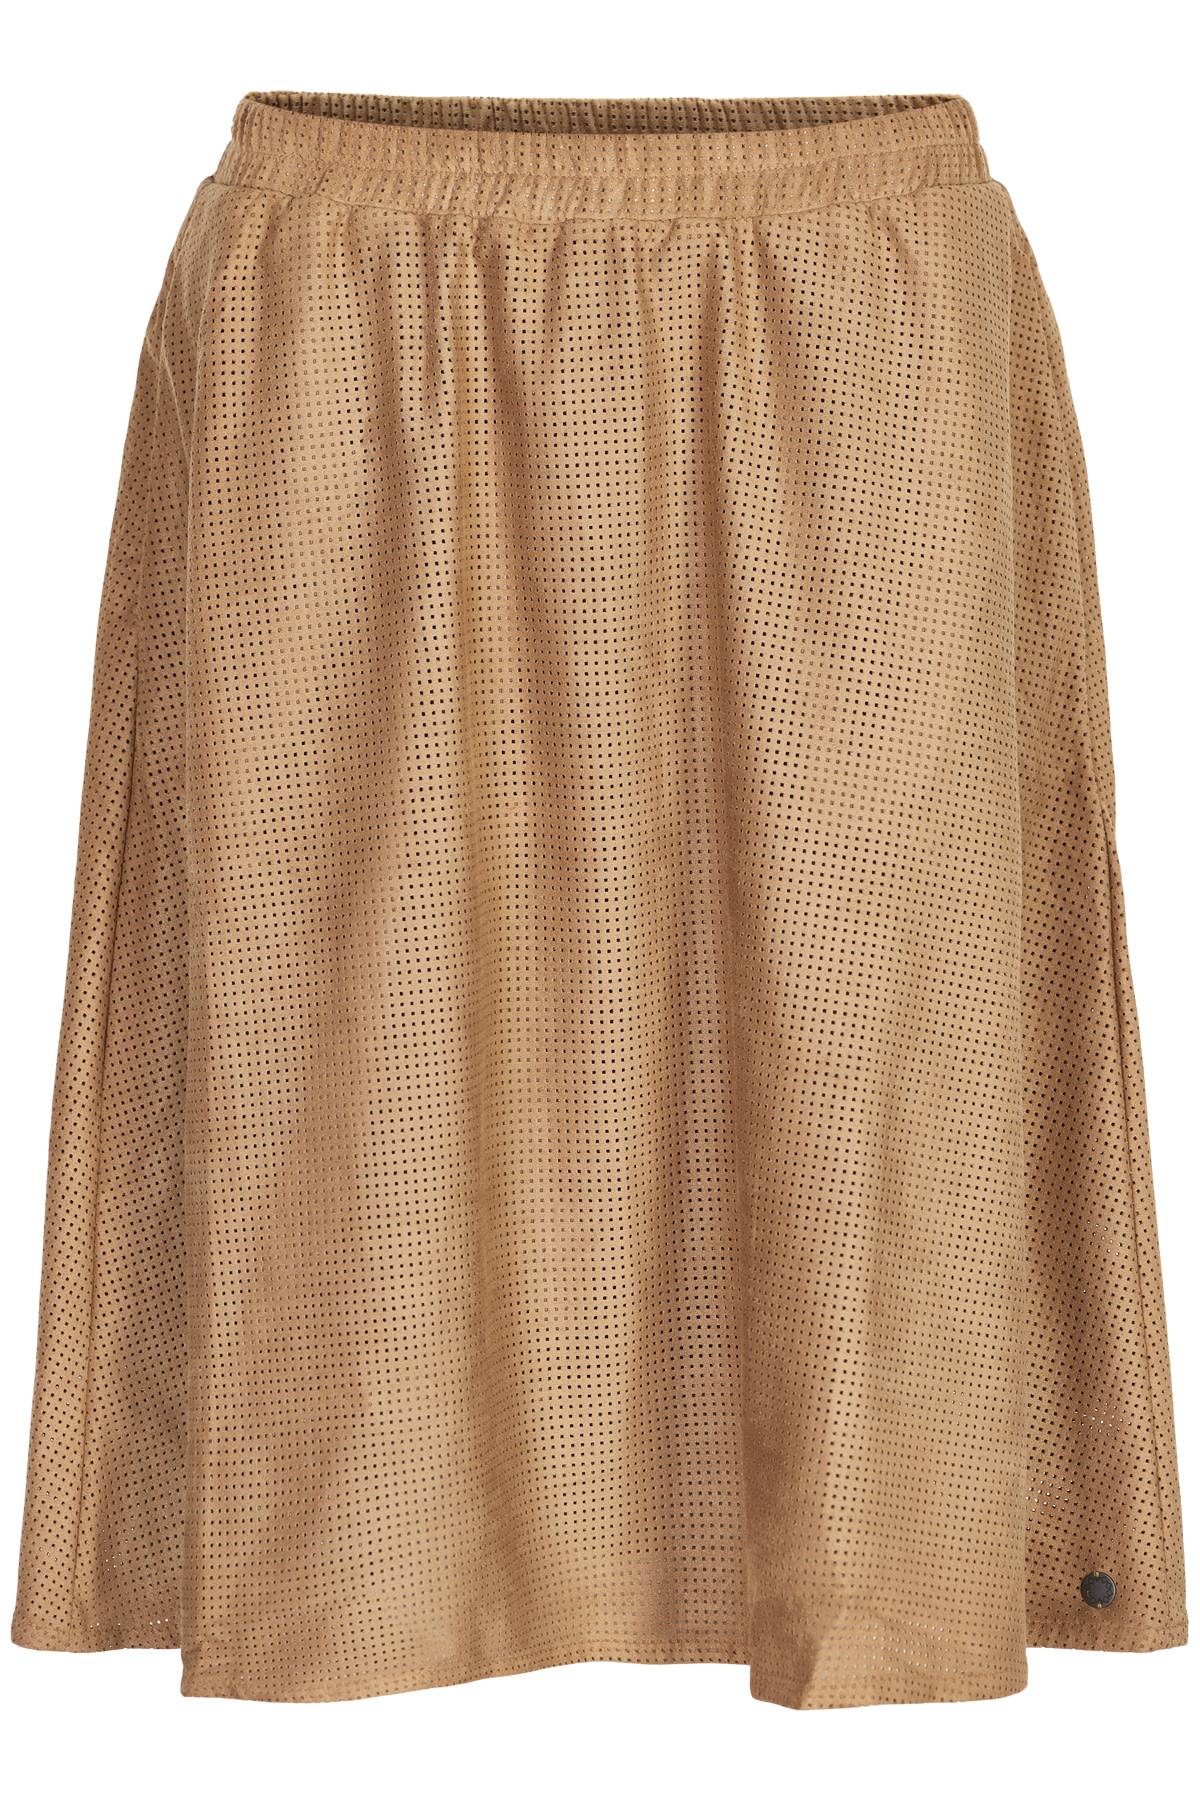 Nümph Juannesley Skirt